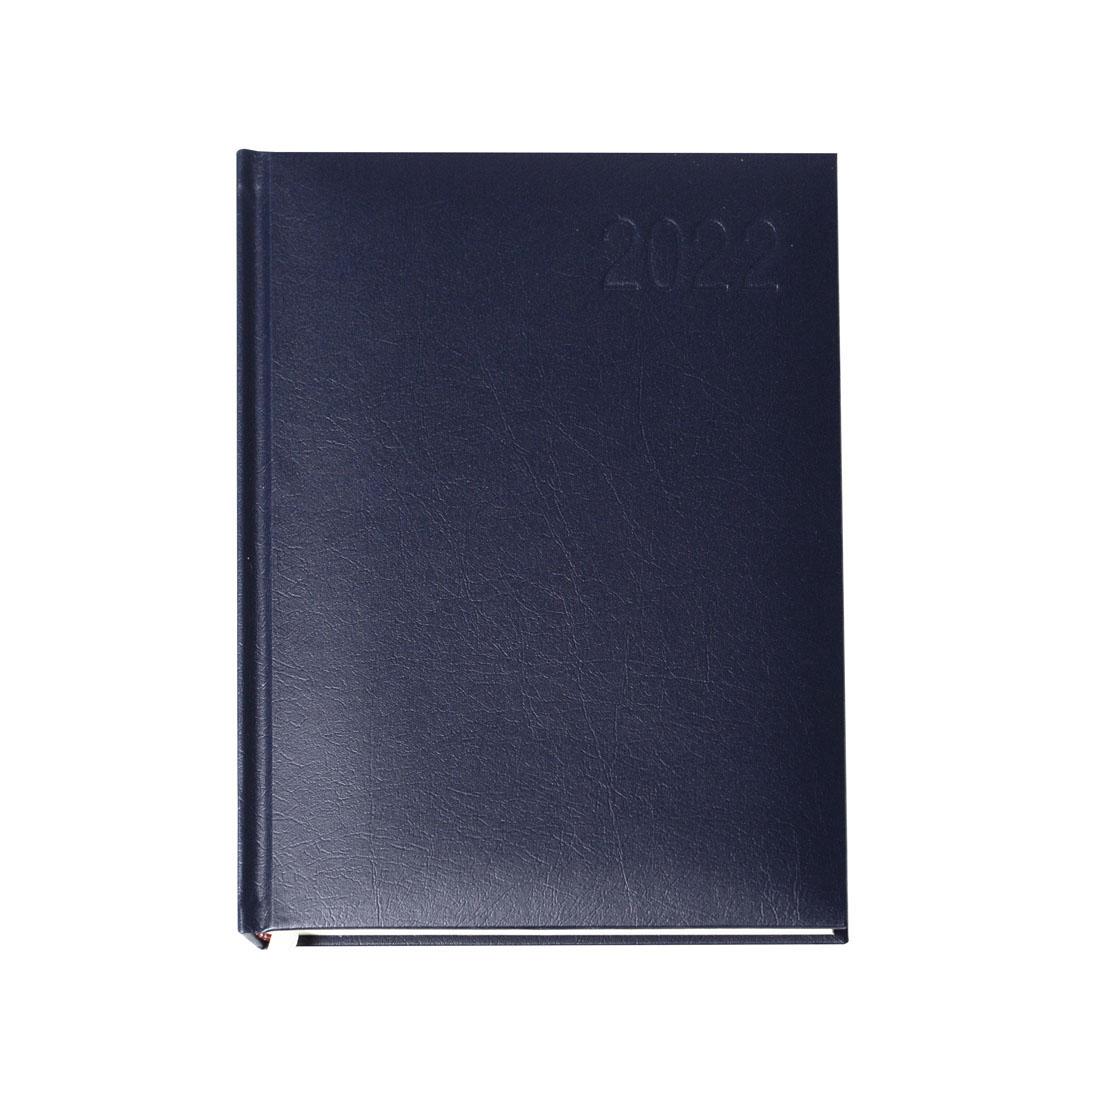 Kalendarz terminarz biurowy twardy na rok 2022 - O.DIARY Merkury - 211 x 145 mm (A5) - niebieski